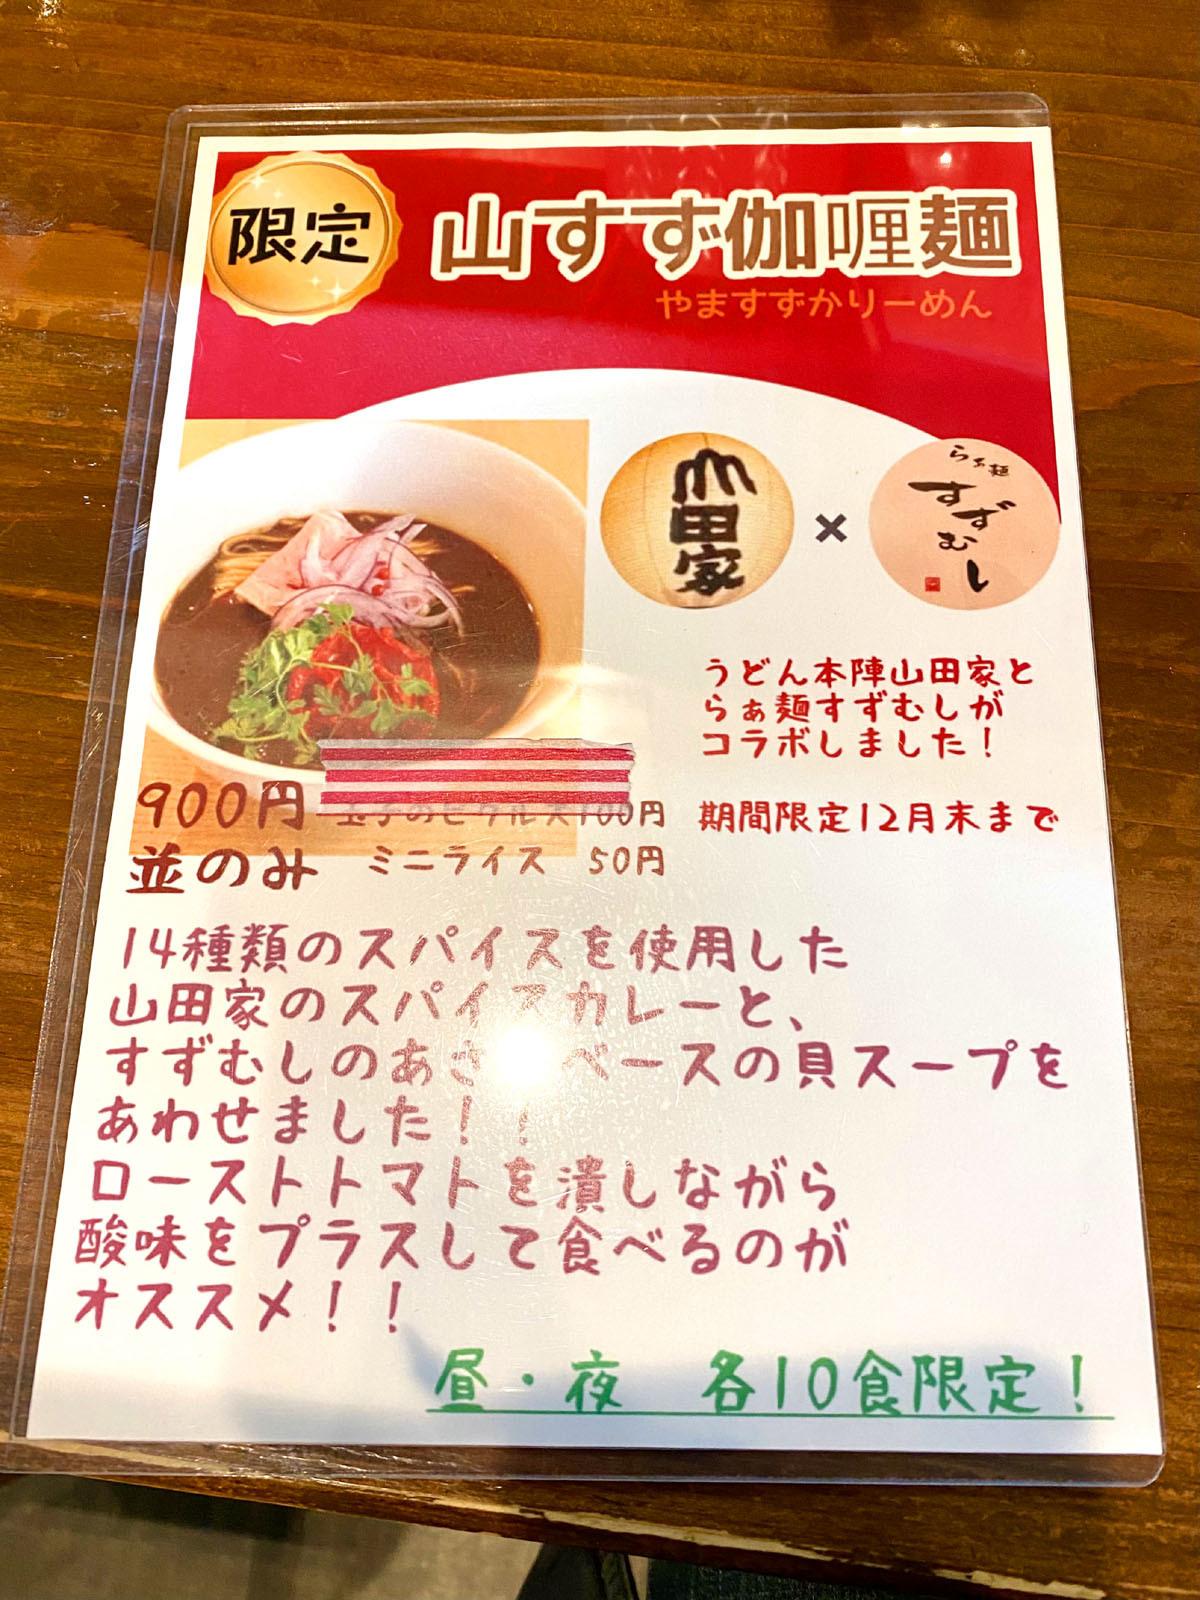 らぁ麺すずむし 04 期間限定メニュー